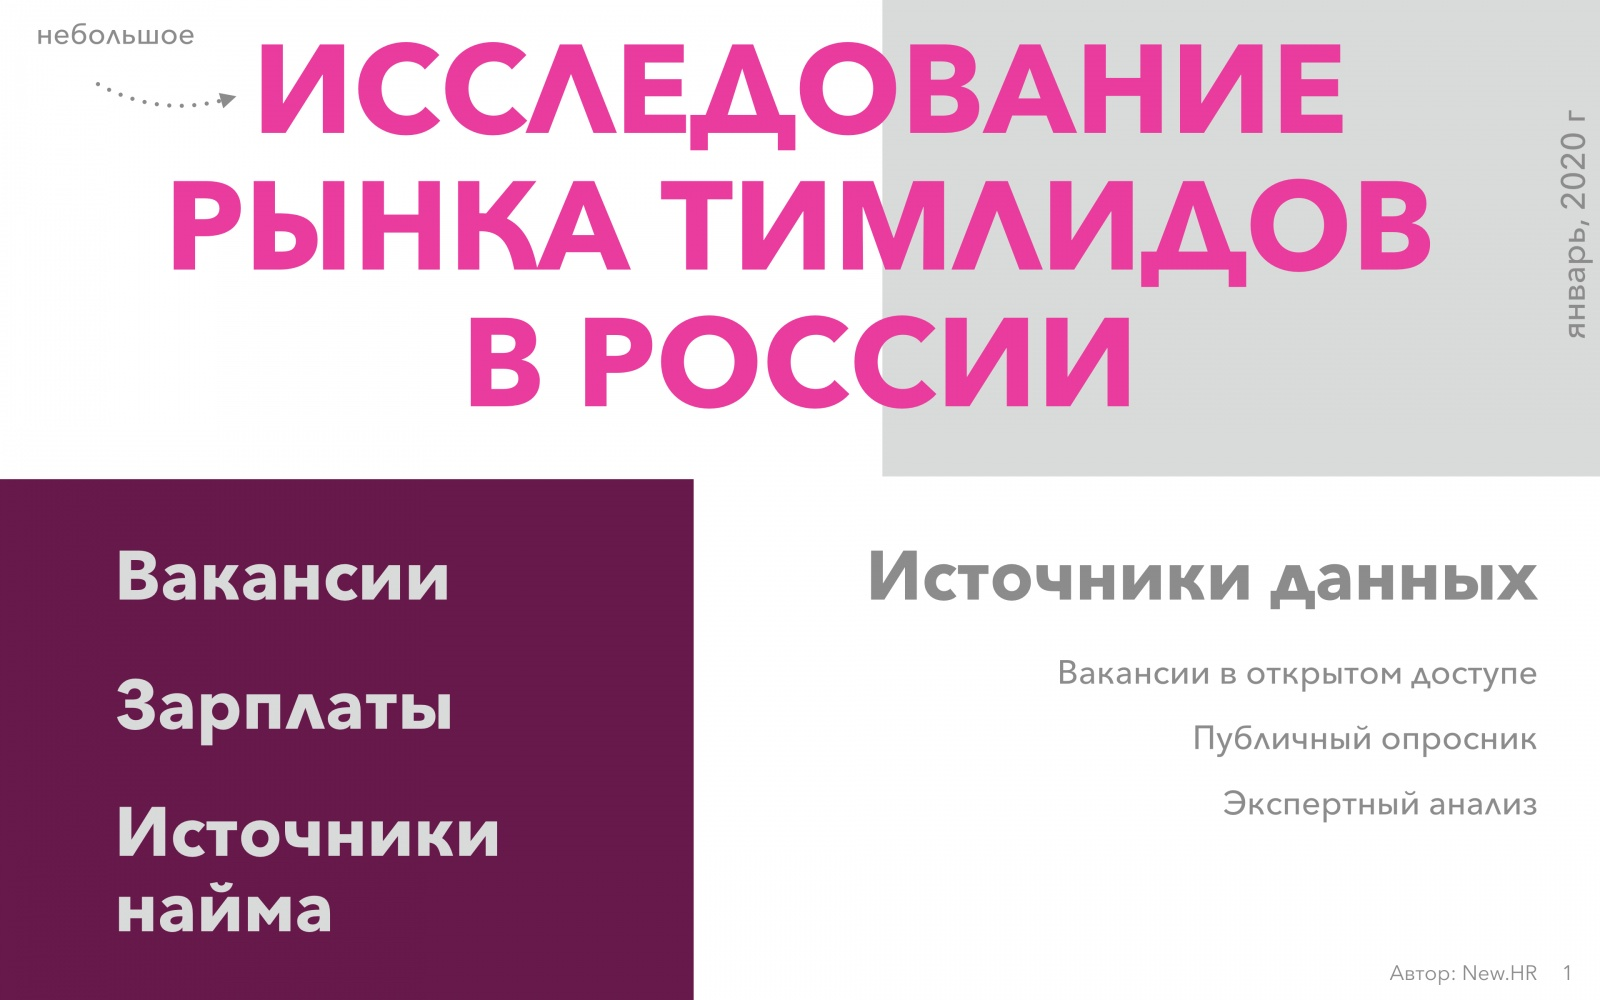 Исследование рынка тимлидов в России - 1